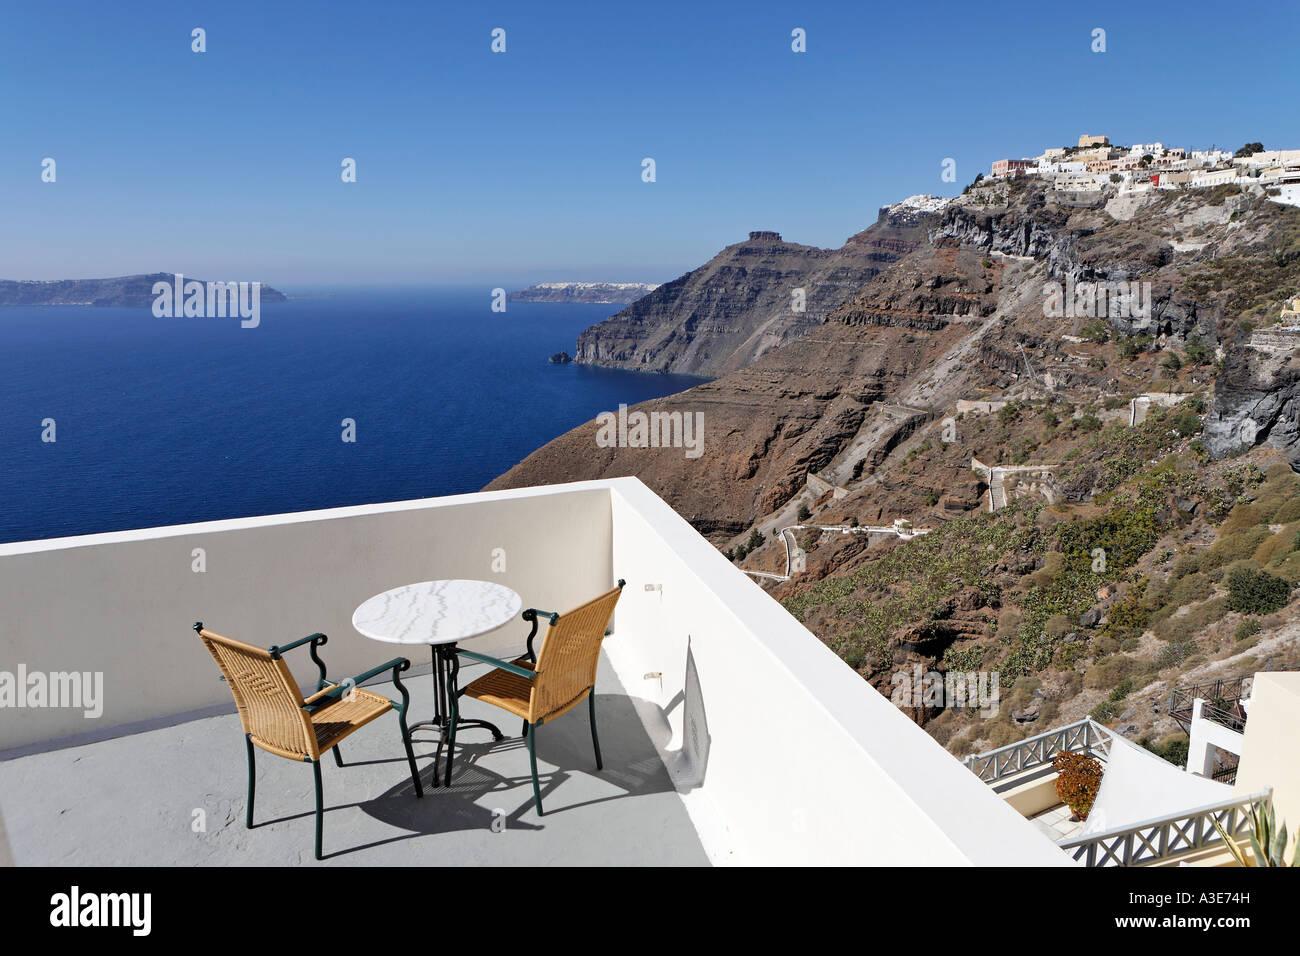 Un endroit agréable pour le petit-déjeuner avec une vue fantastique, Thira, Santorin, Grèce Banque D'Images